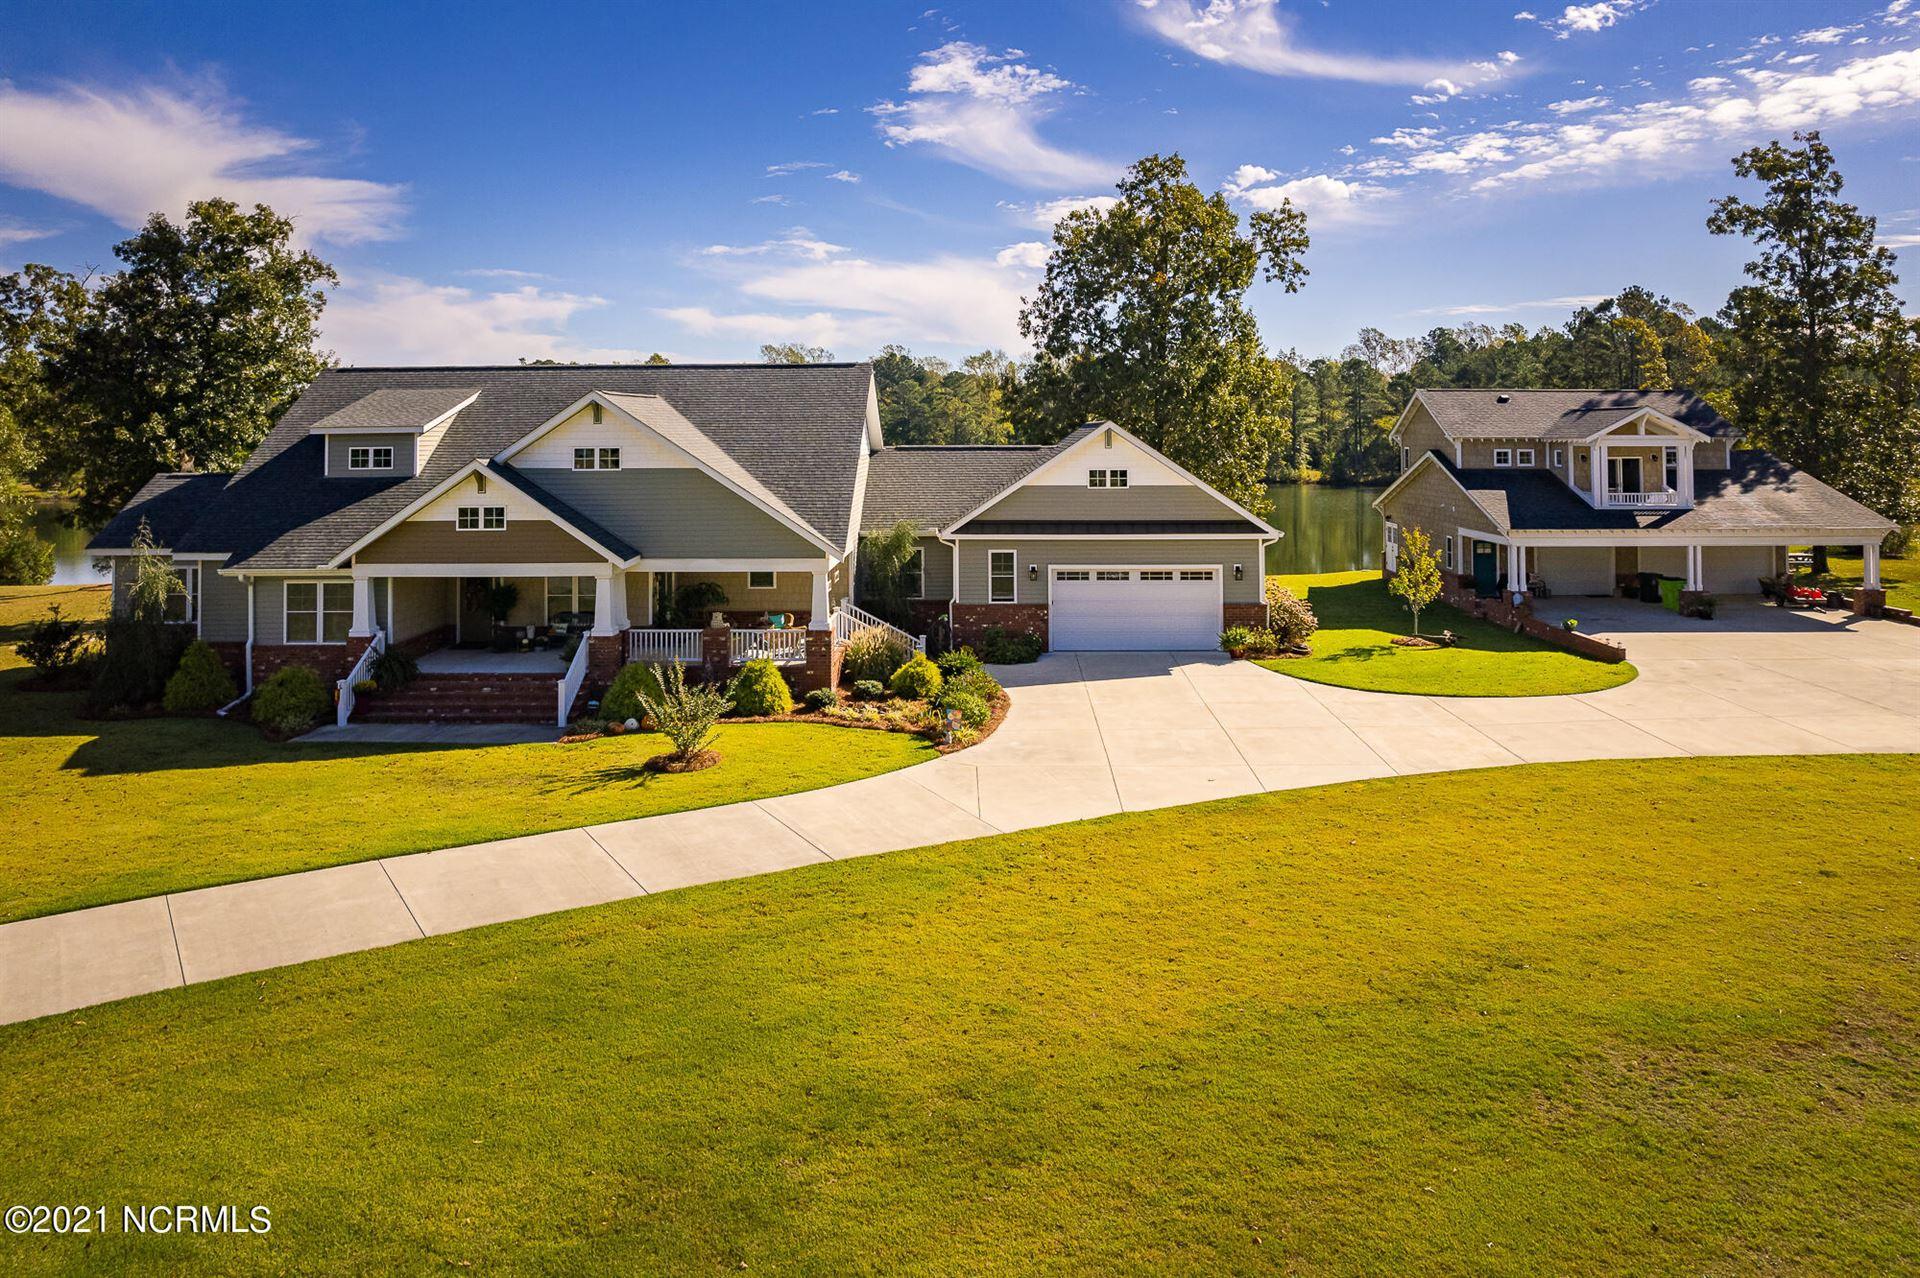 Photo of 149 Neal Boulevard, Vanceboro, NC 28586 (MLS # 100296879)